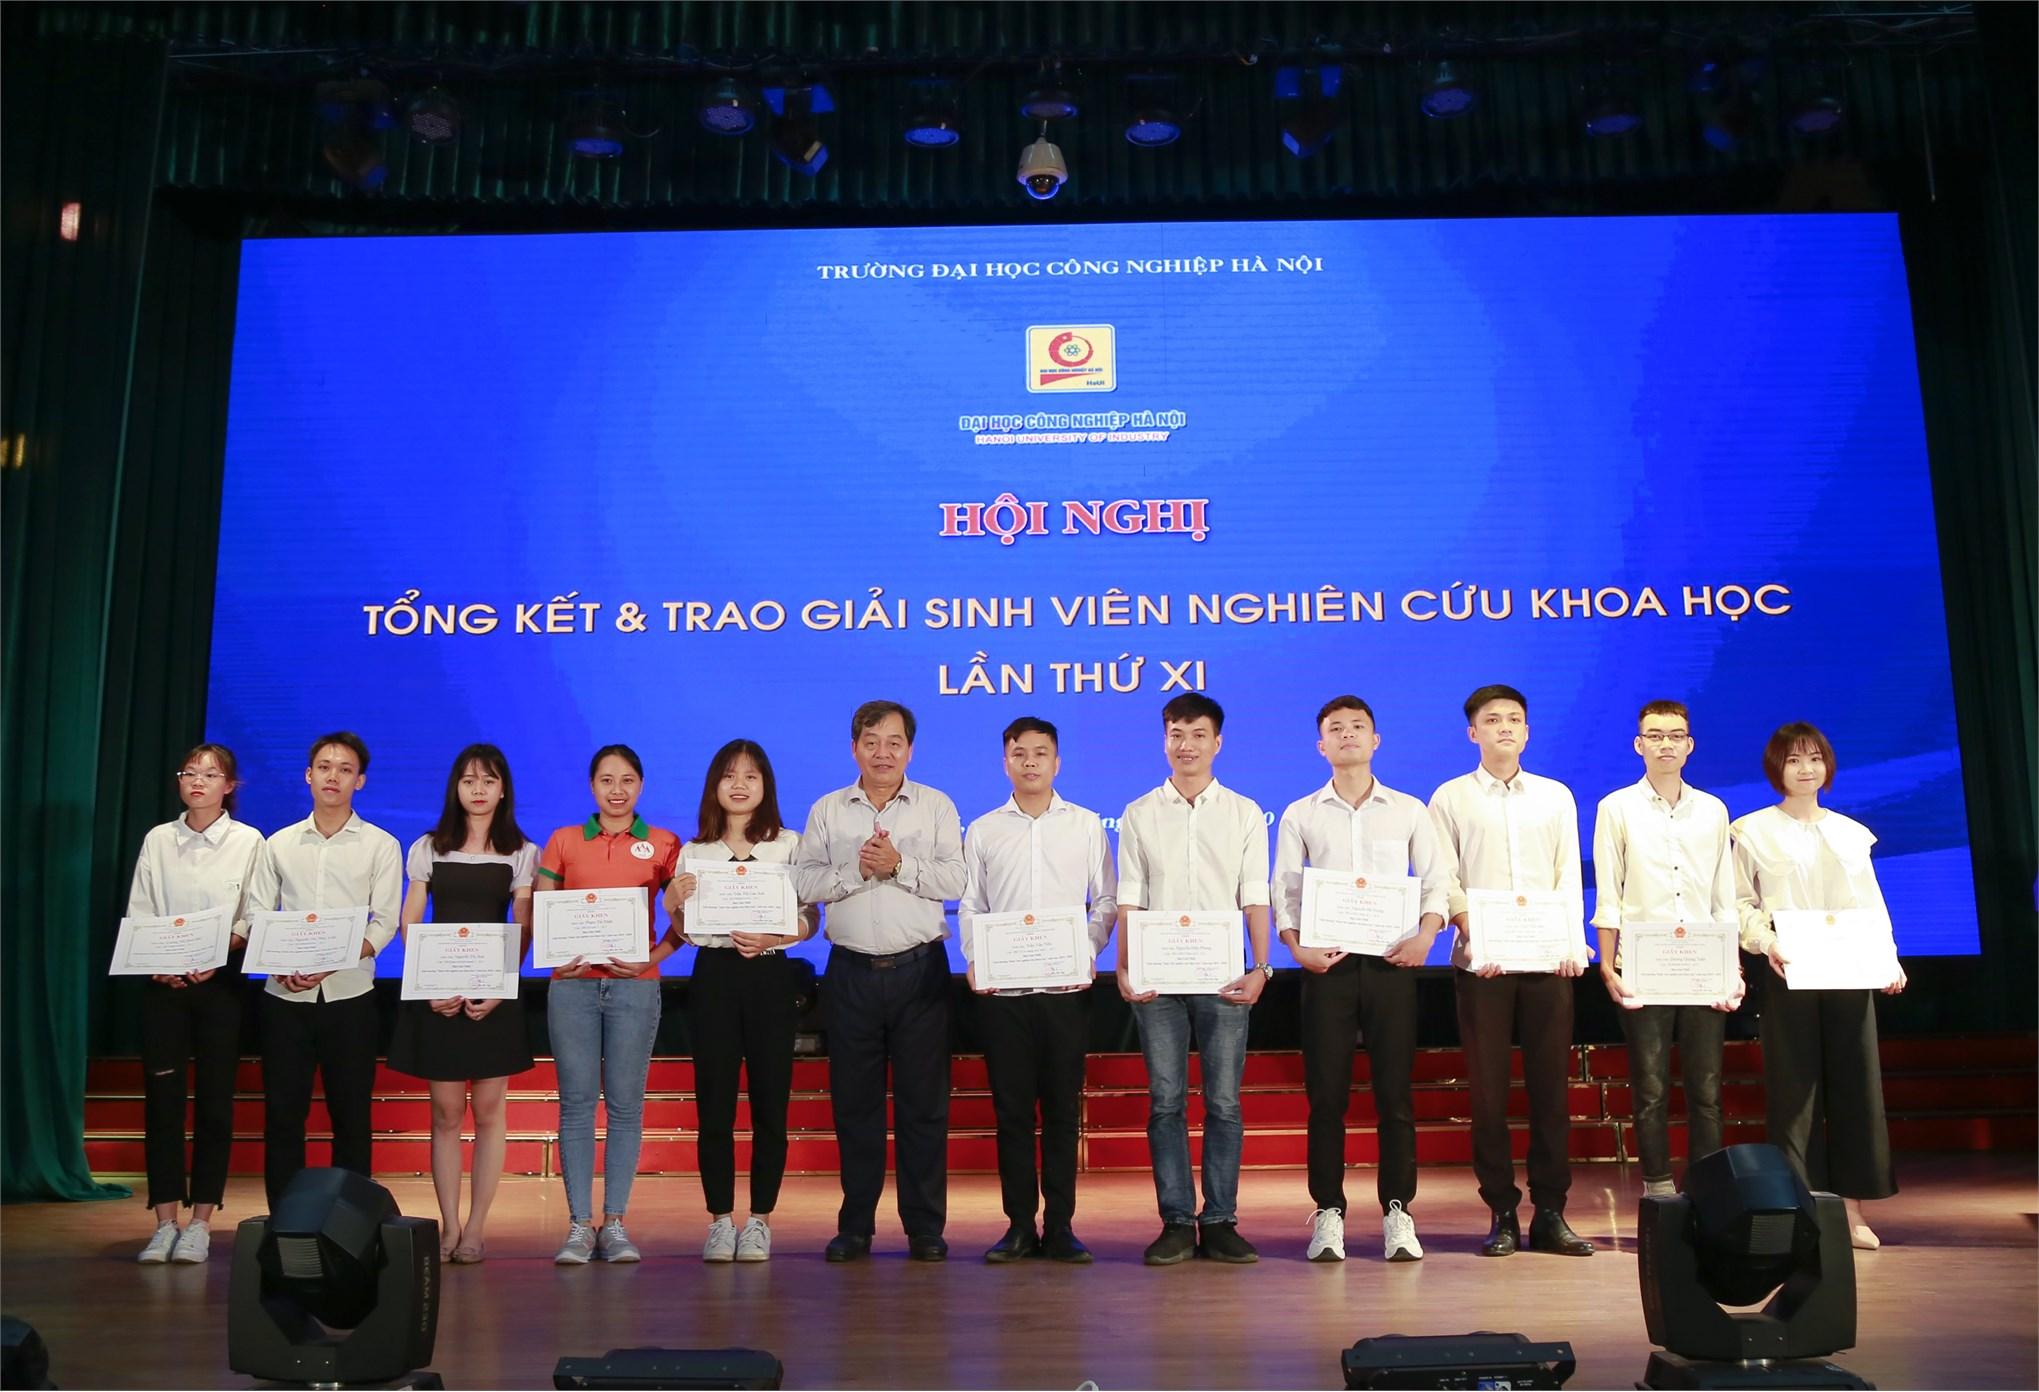 Hội nghị Tổng kết và Trao giải Sinh viên nghiên cứu khoa học - Lần thứ XI